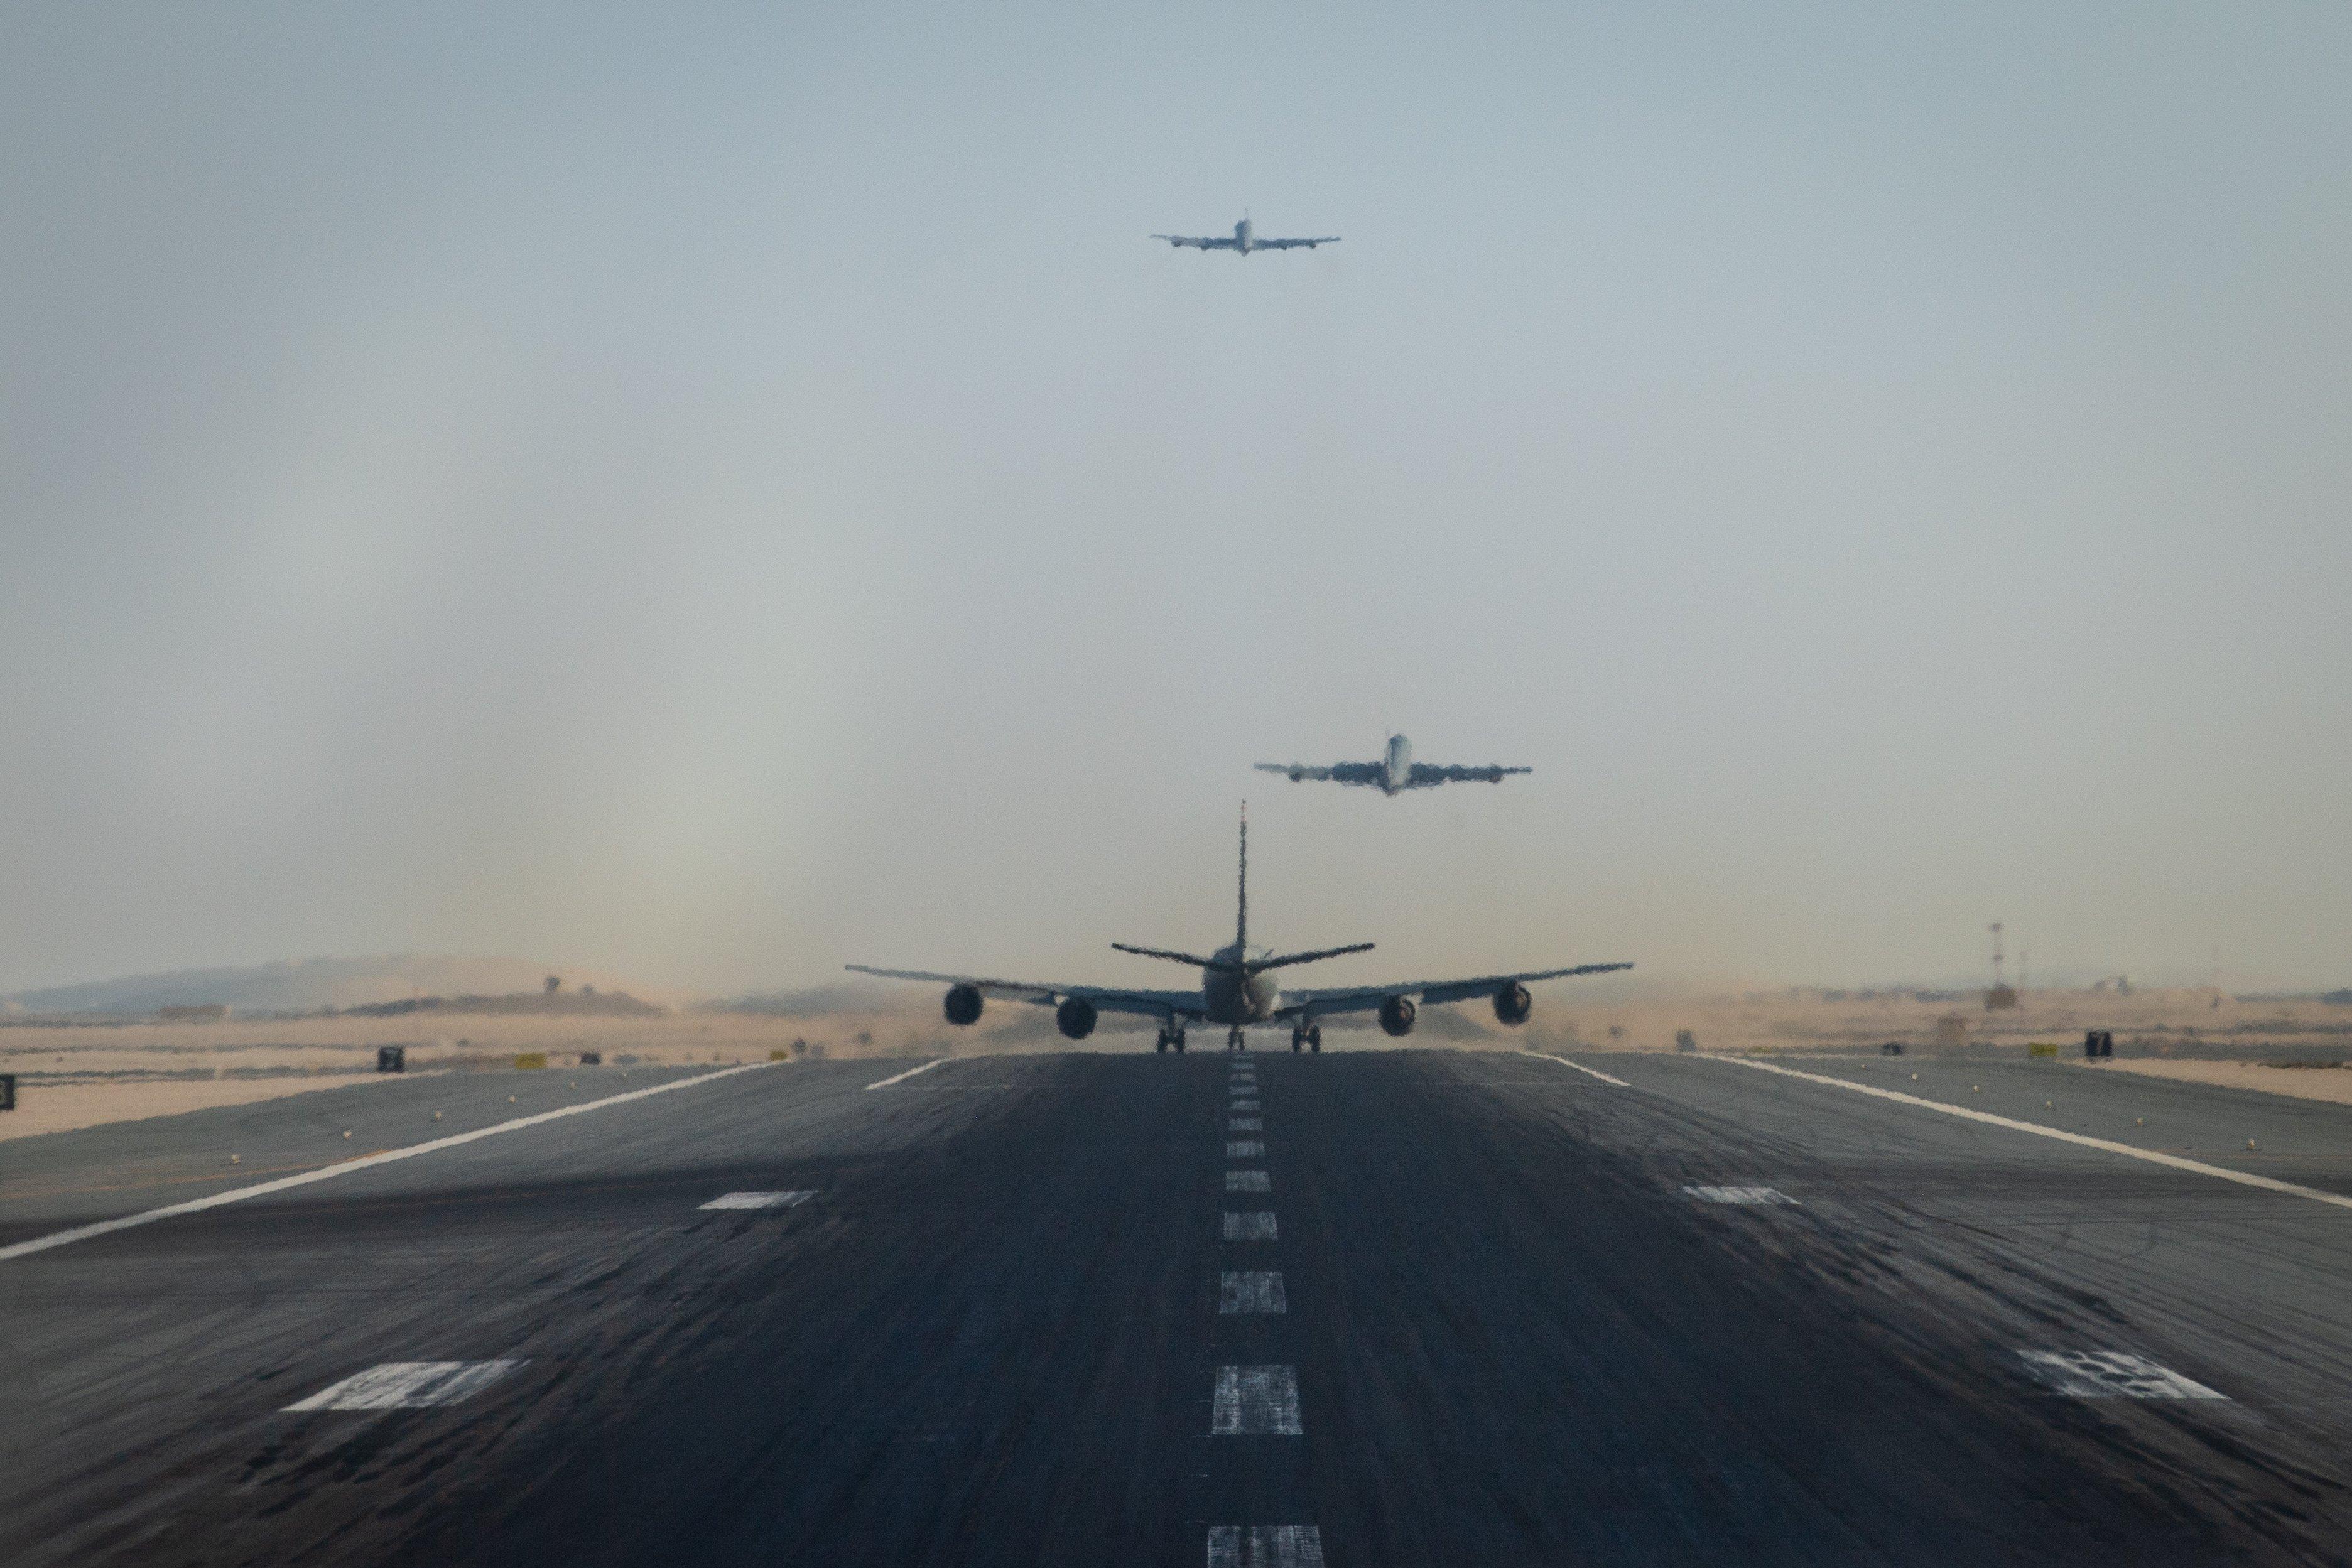 על פי מקורות זרים מפצצים אמרקאיםB52 ומטוסי קרב F22 -F15 -16בדרך למפרץ הפרסי חלקם מעל ישראל-איראן הודיעה על מצב חירום לאומי EnbwWfDXMAkHiIx?format=jpg&name=4096x4096